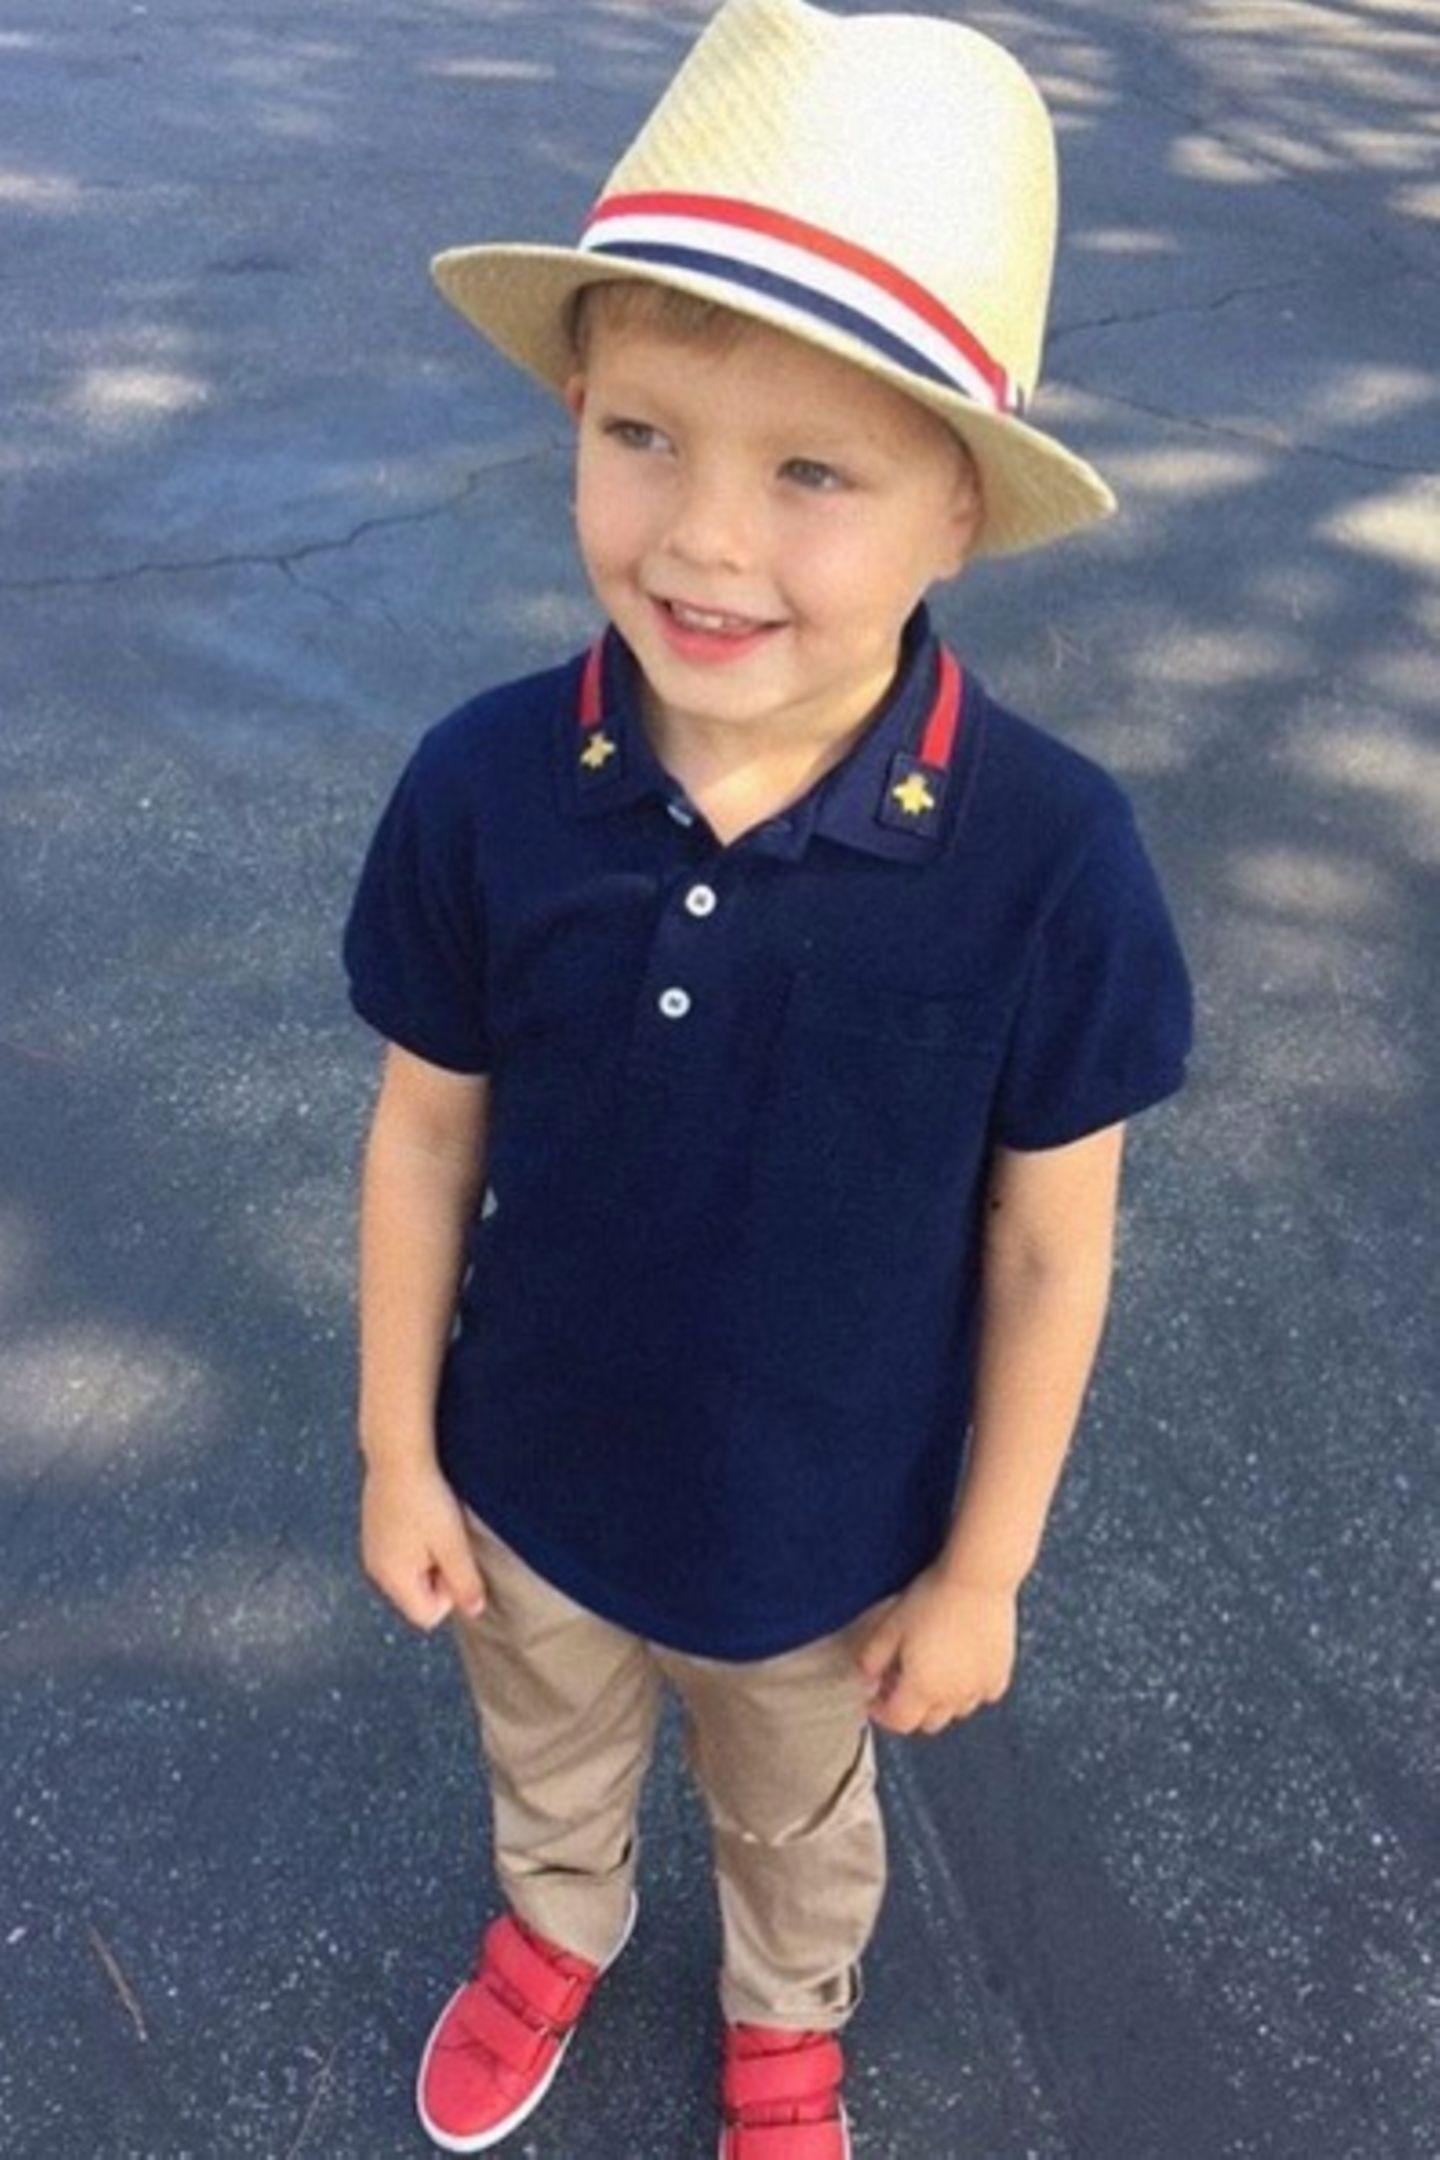 Lässig-Look XXS: Axl Jack, Sohn von Sängerin Fergie und Schauspieler Josh Duhamel weiß, wie es geht. Mit coolem Strohhut, blauem Poloshirt, beigfarbener Hose und roten Sneakern gehts auf den Weg zur Schule.